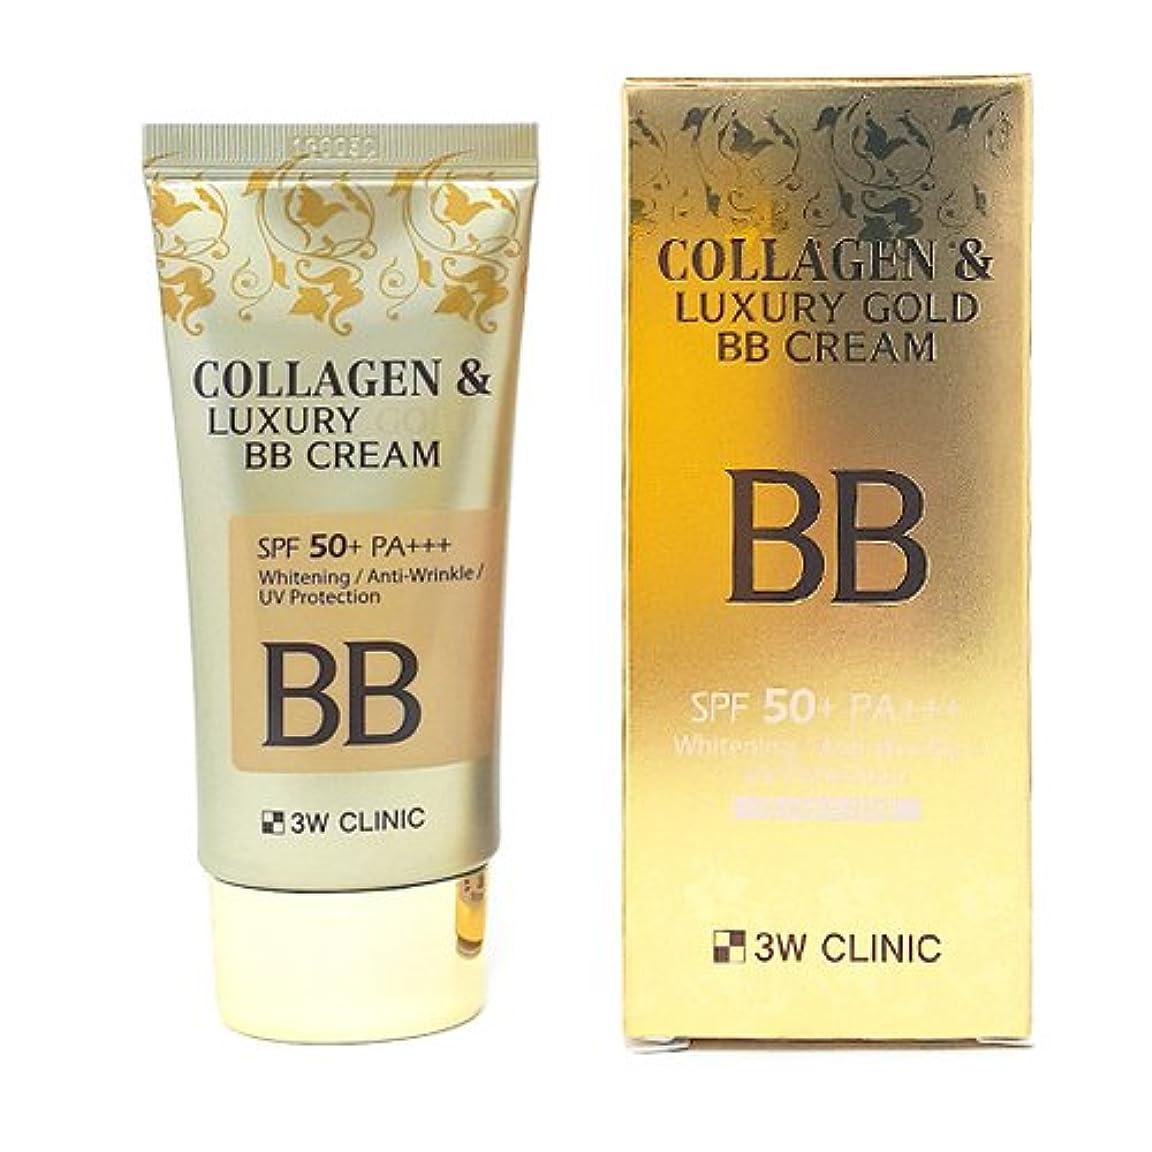 メニュー稼ぐ卑しい3Wクリニック[韓国コスメ3w Clinic]Collagen & Luxury Gold BB Cream コラーゲンラグジュアリーゴールド BBクリーム50ml 50+/PA+++[並行輸入品]